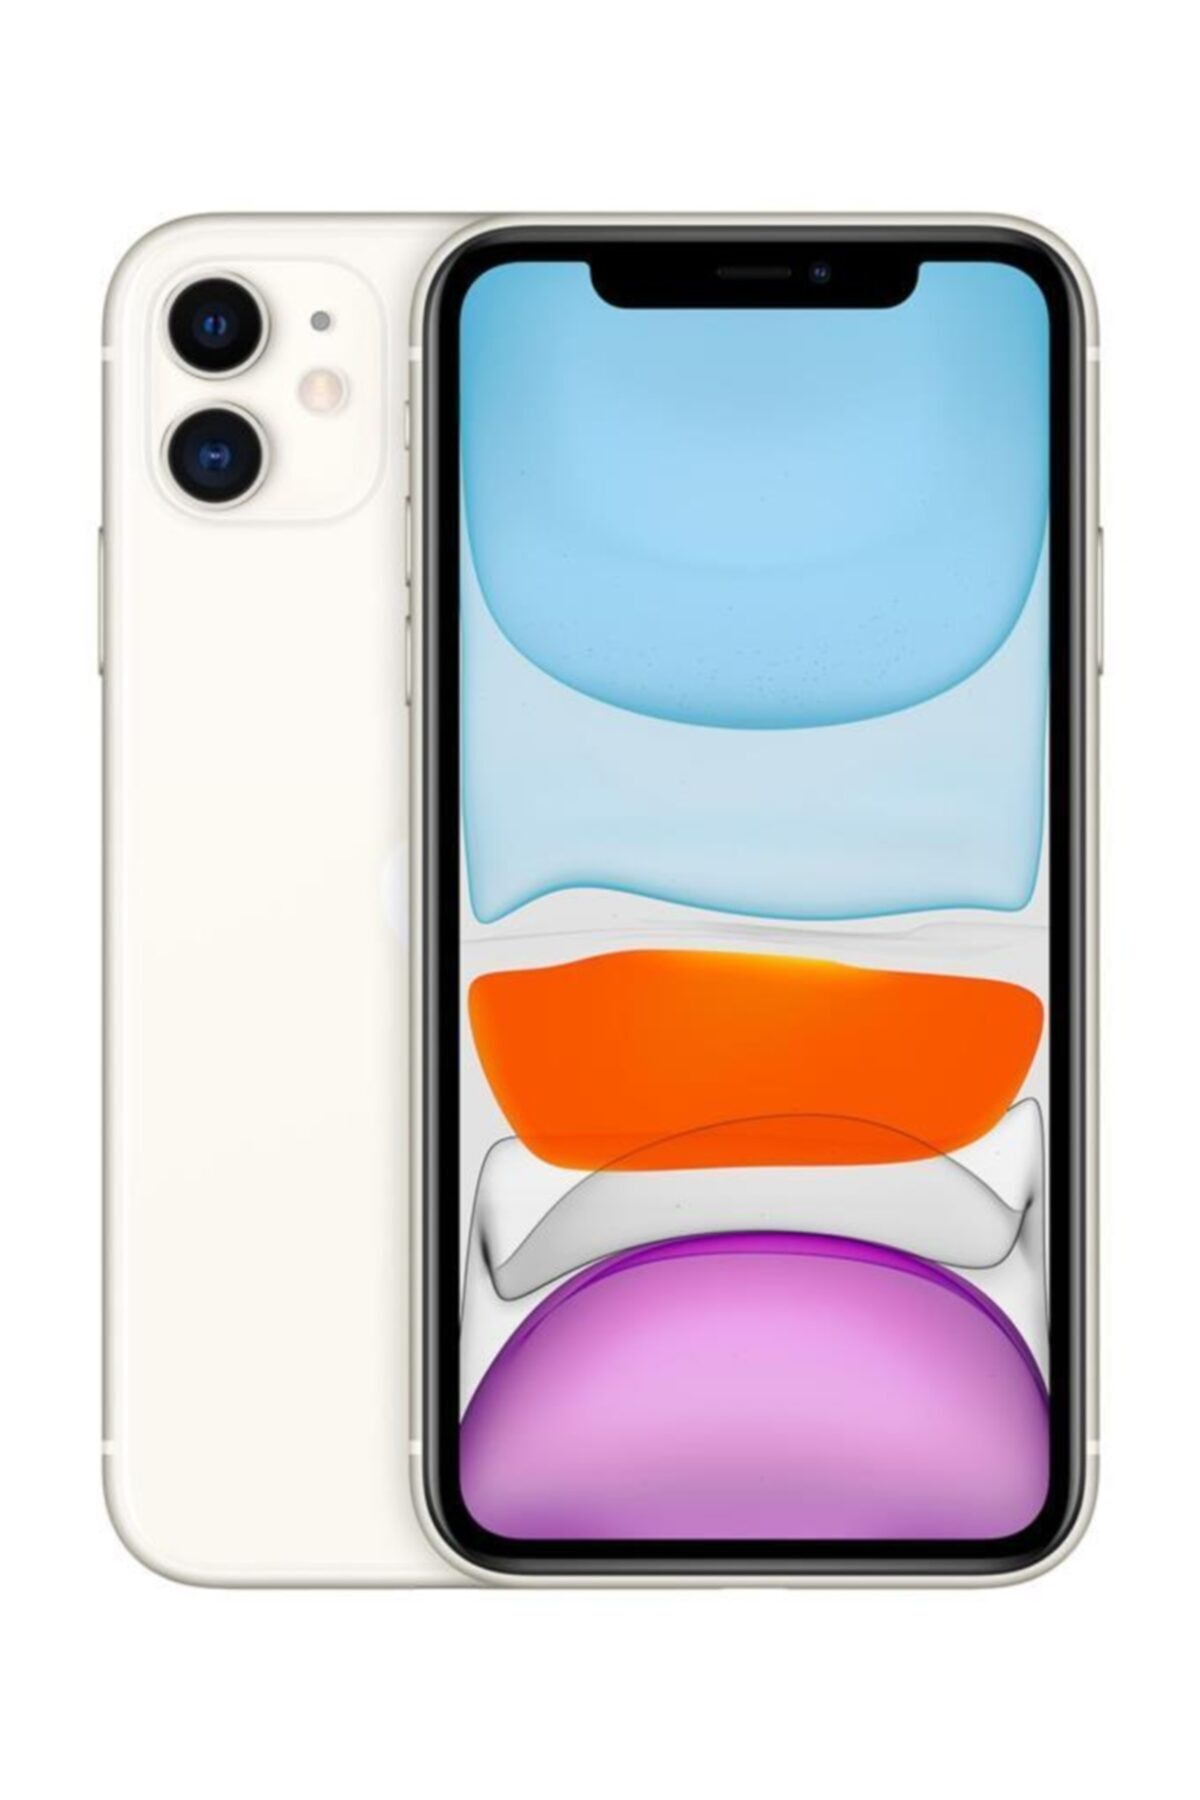 Apple iPhone 11 128GB Beyaz Cep Telefonu (Apple Türkiye Garantili) Aksesuarlı Kutu 1